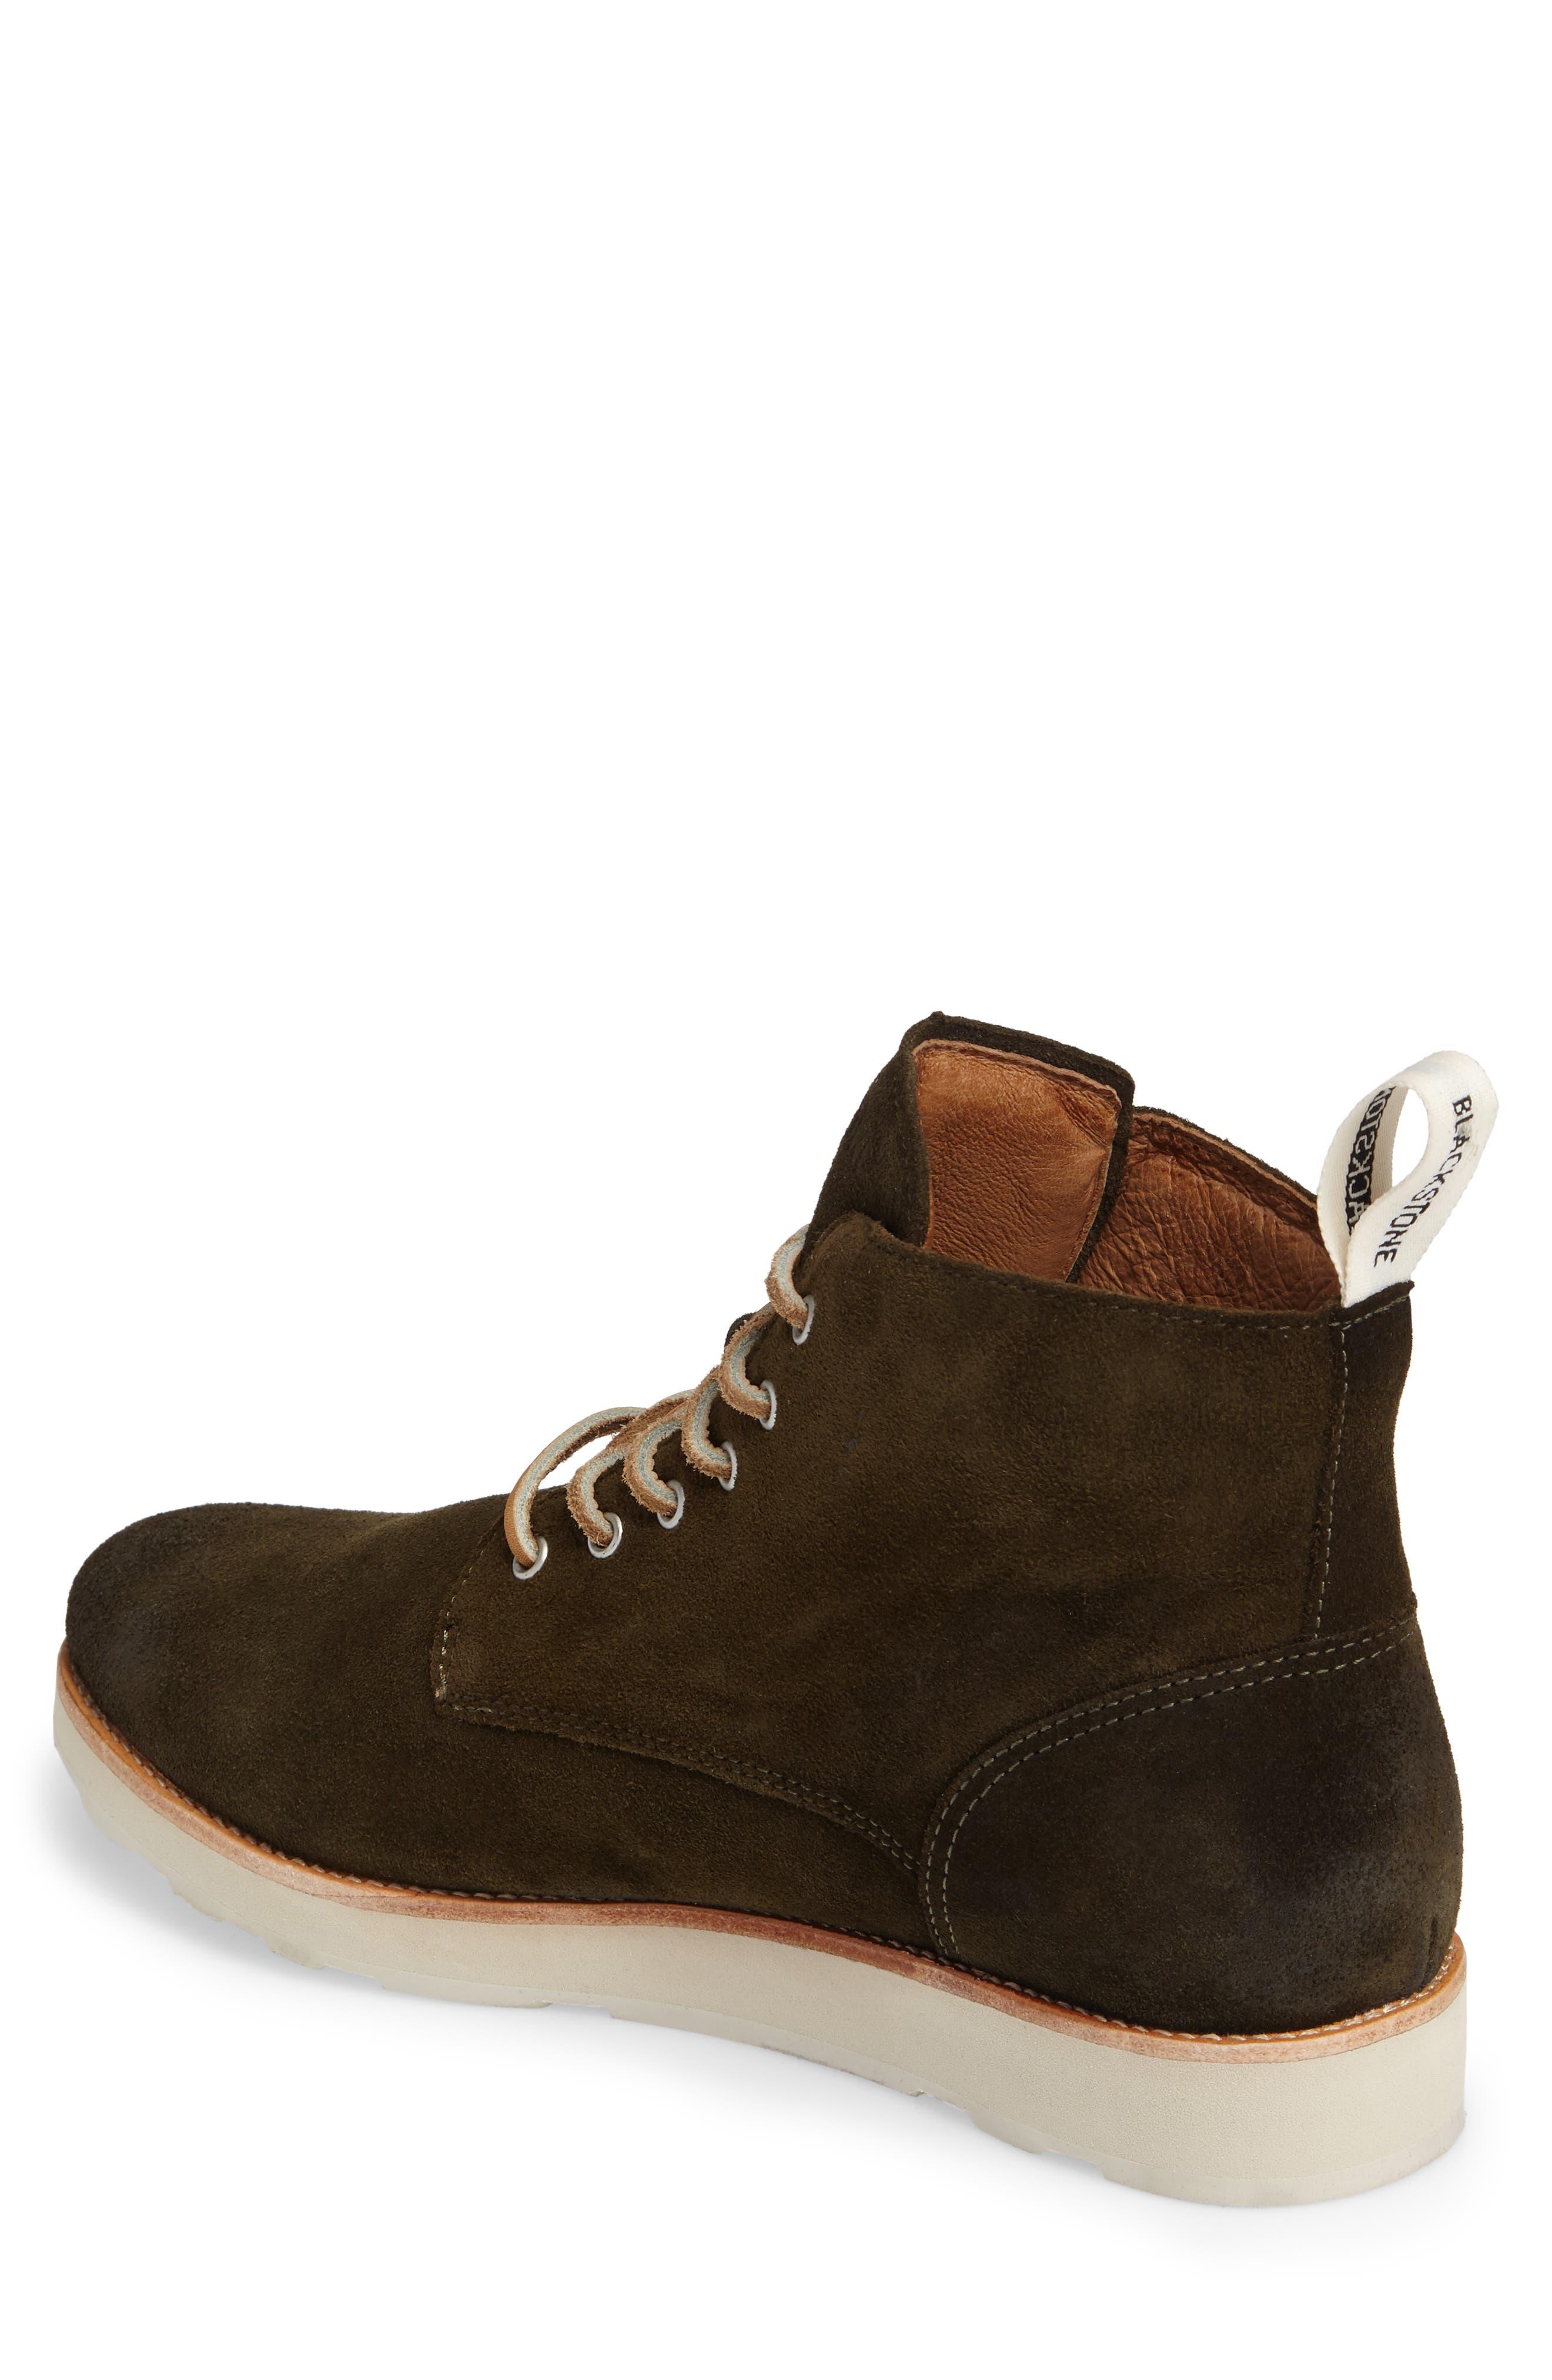 OM 53 Plain Toe Boot,                             Alternate thumbnail 2, color,                             Dark Green Leather